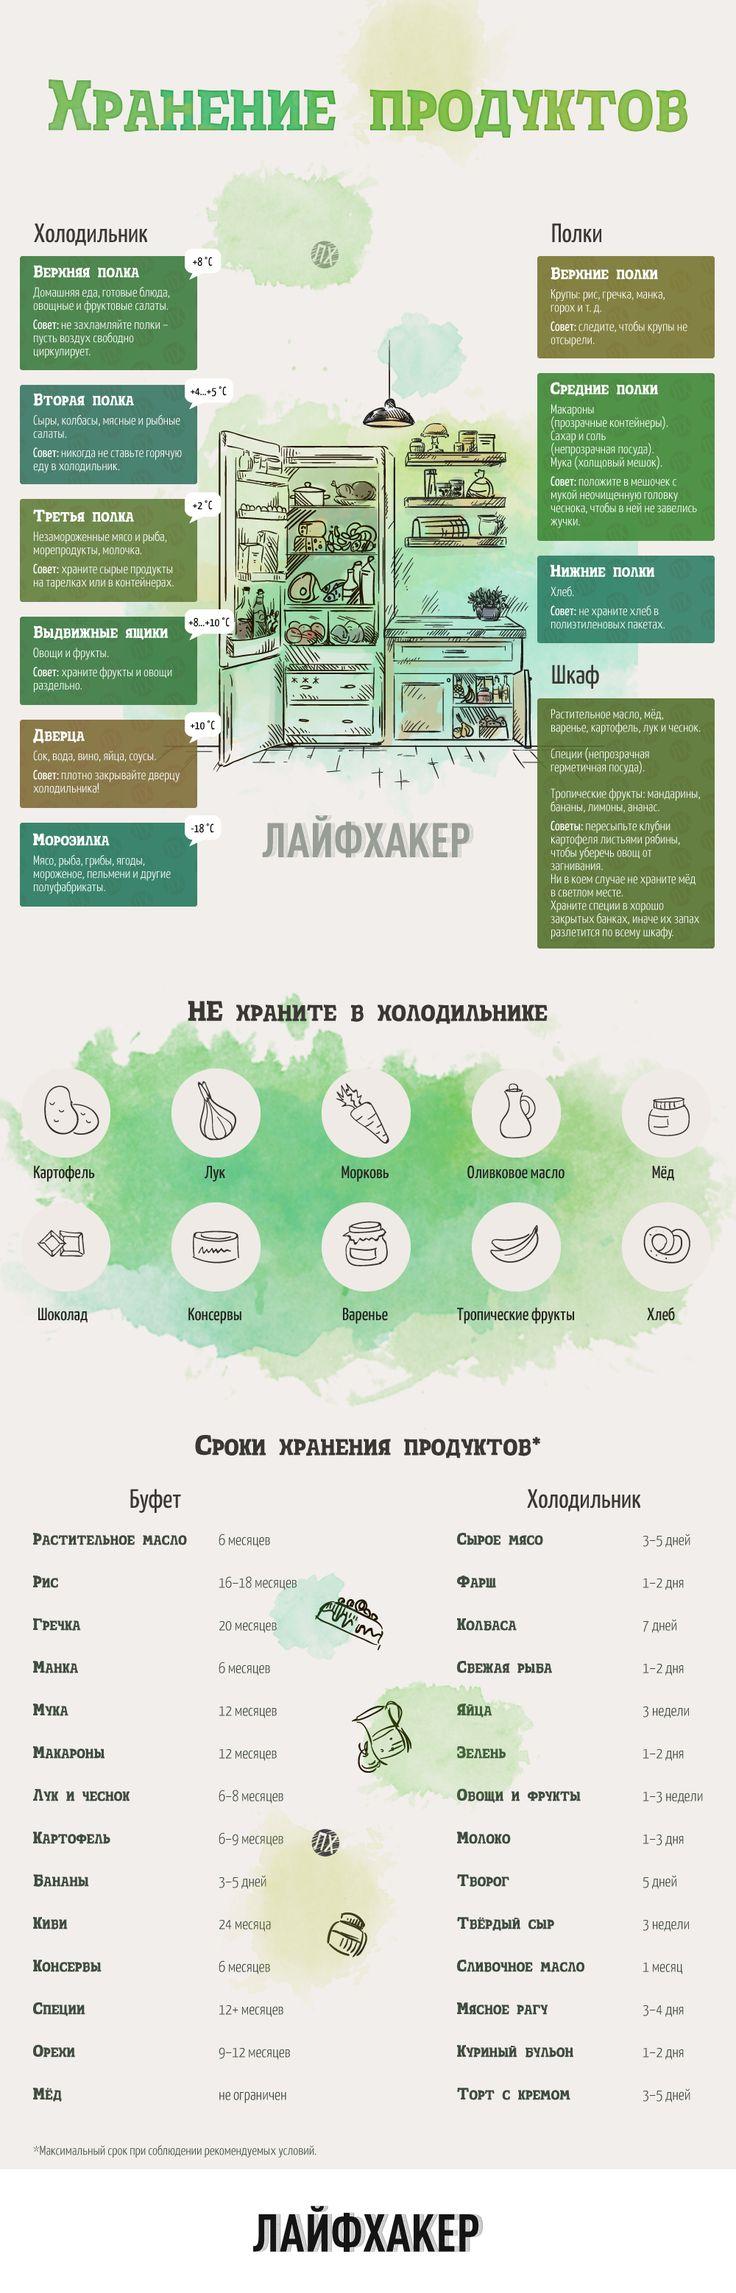 Как хранить продукты: сроки и температура